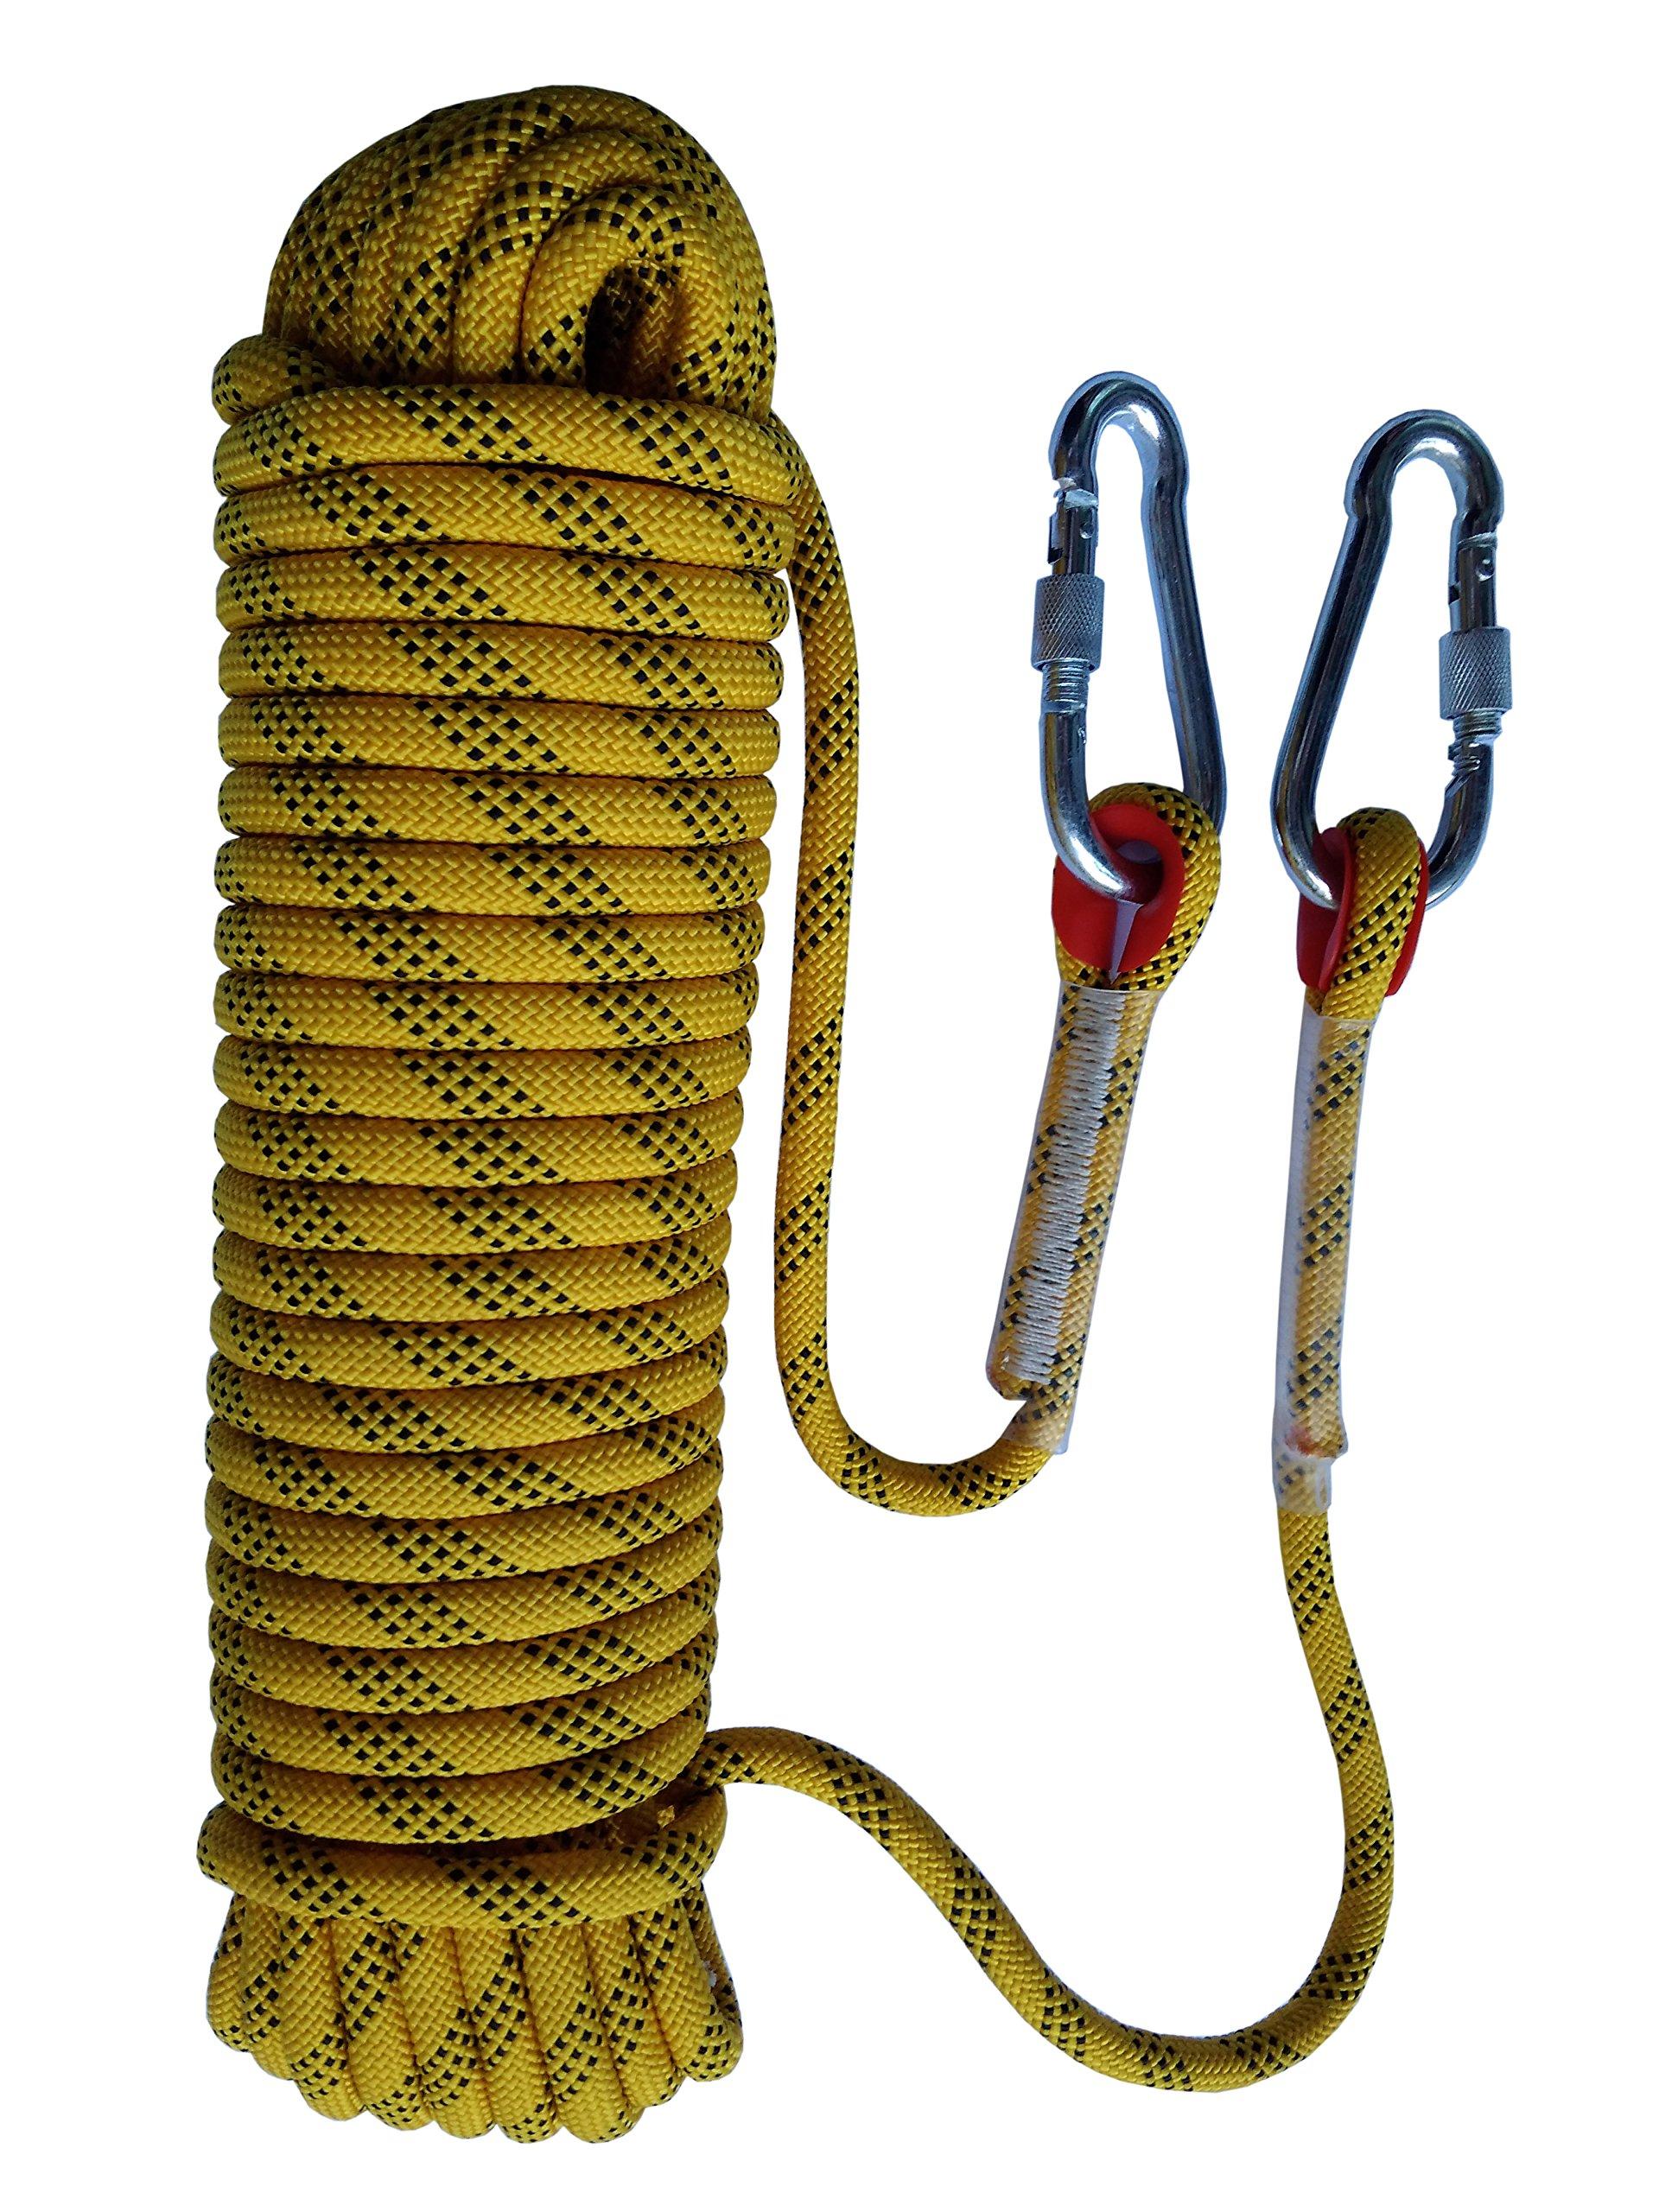 Cuerda de seguridad Tonyko para escalar al aire libre y en interiore, para paracaídas e incendios